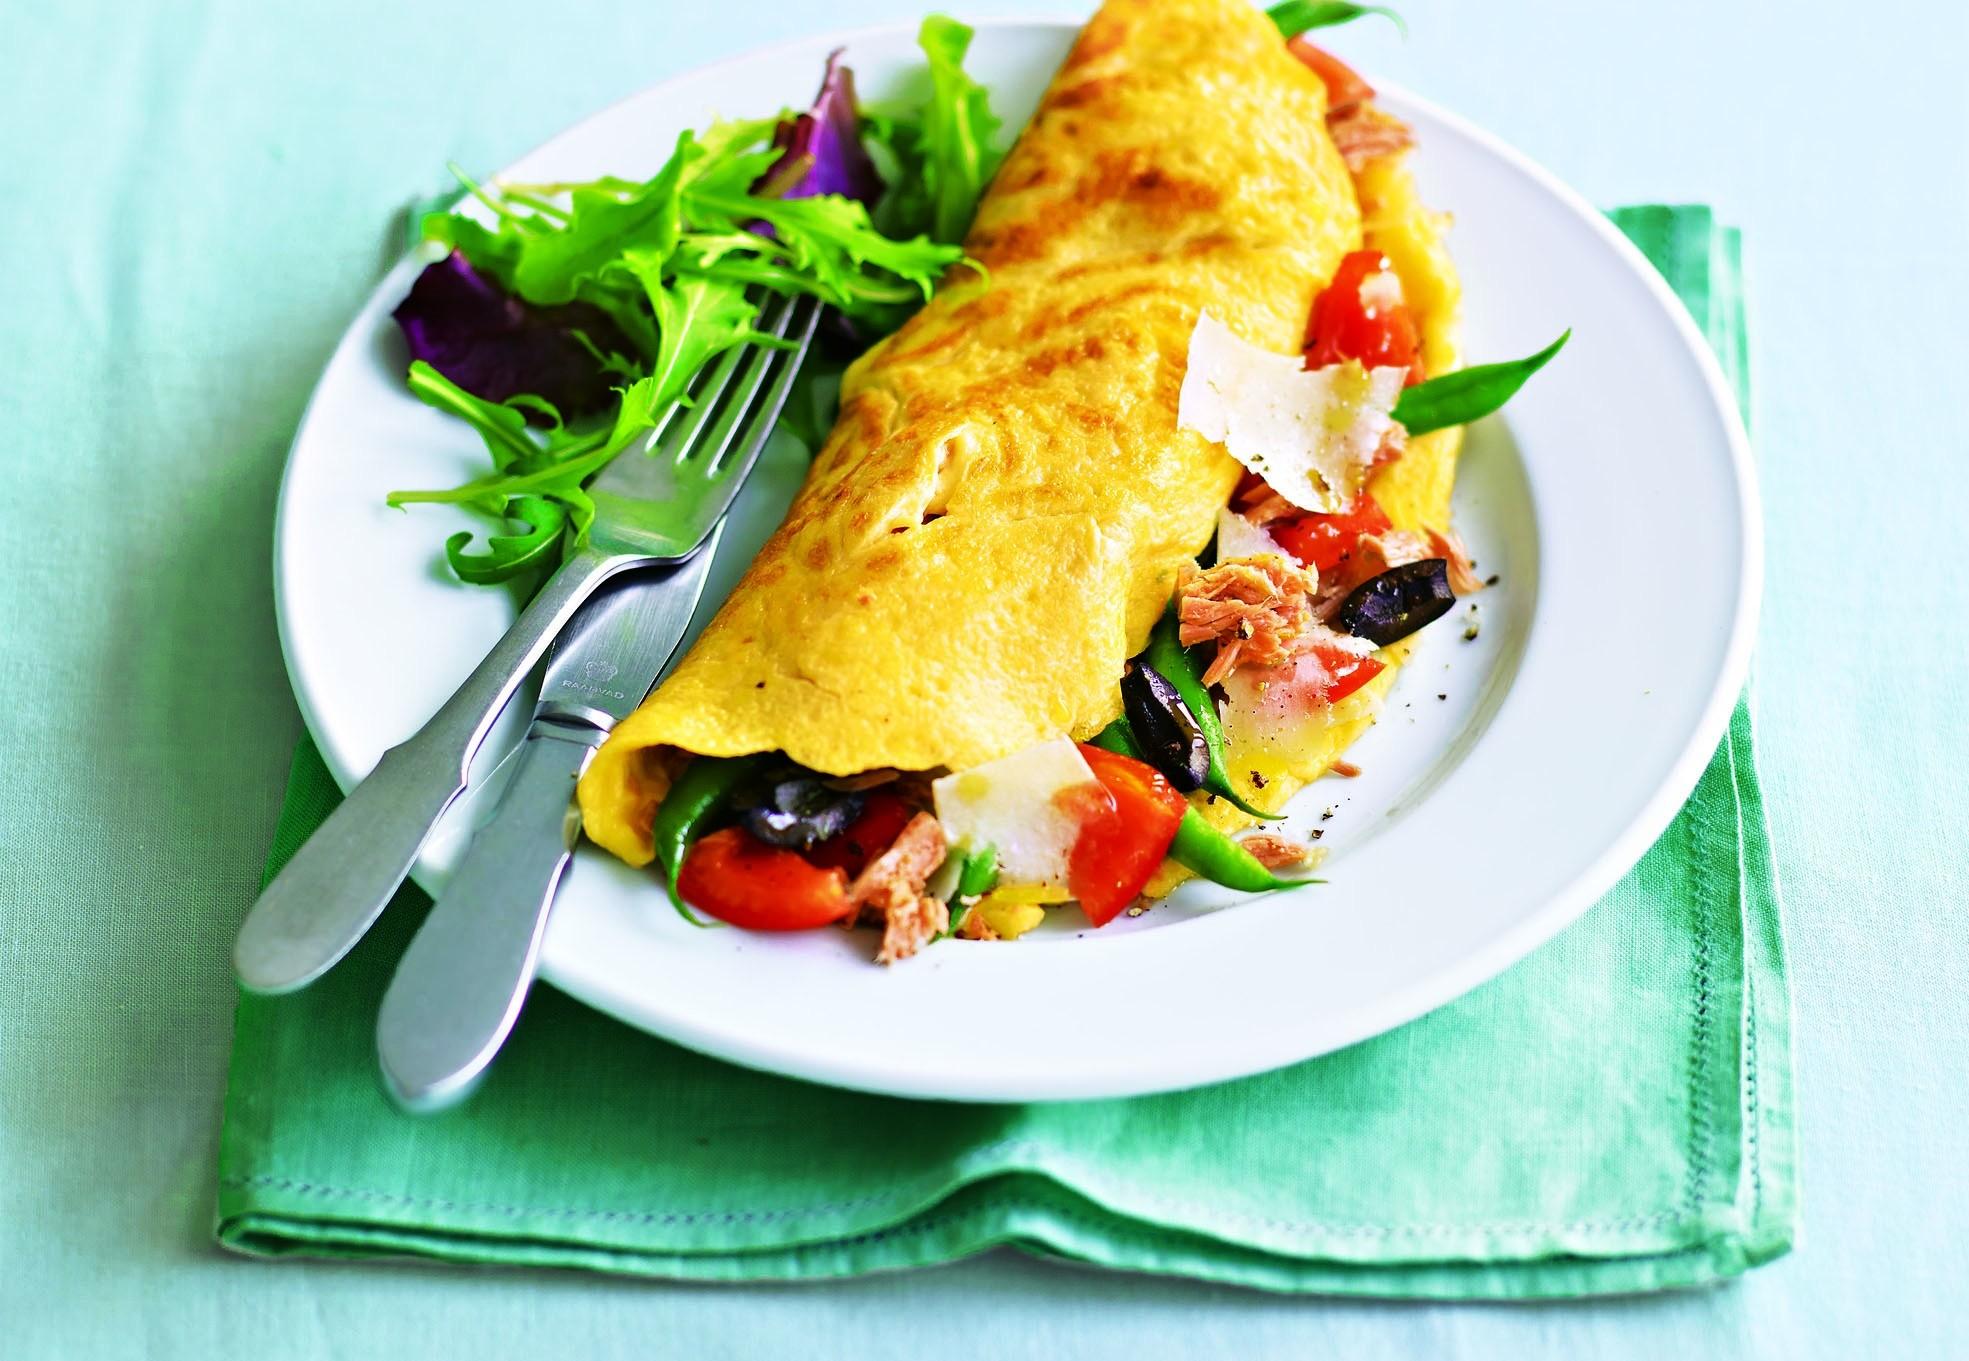 Завтрак для двоих: рецепт омлетов с тунцом и овощами